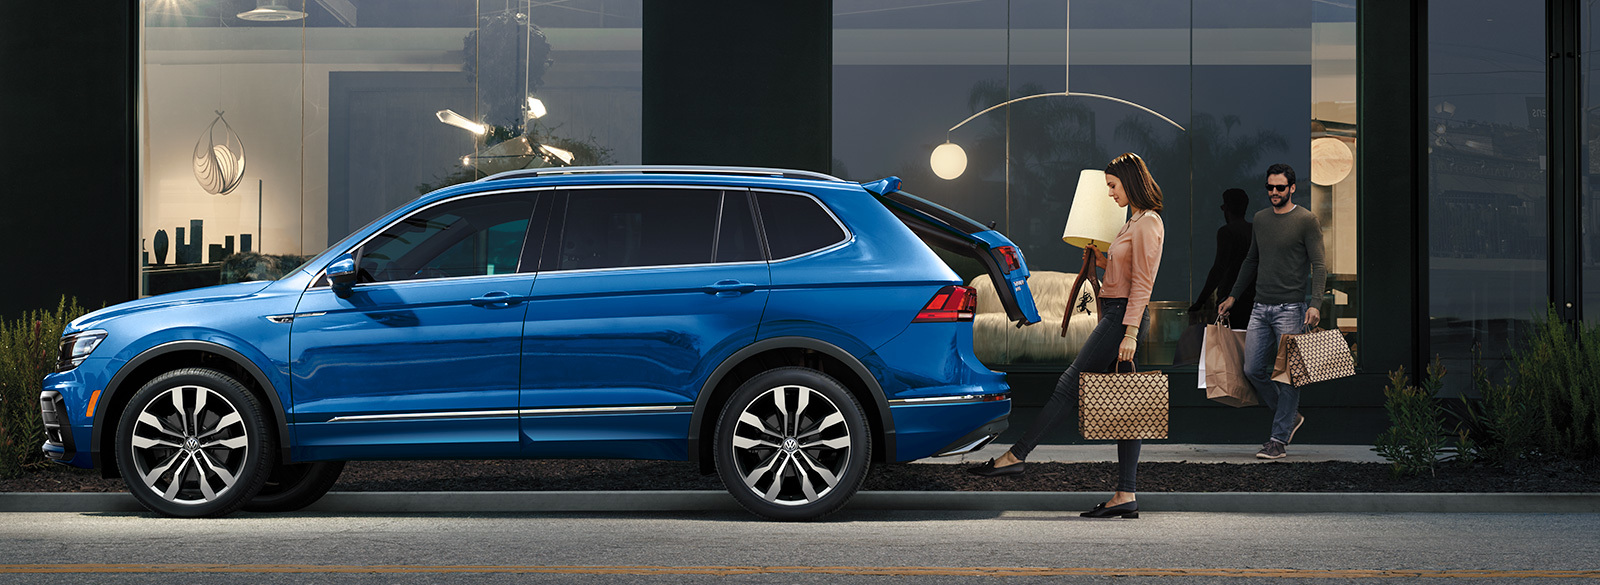 2020 Volkswagen Tiguan Leasing near Alexandria, VA